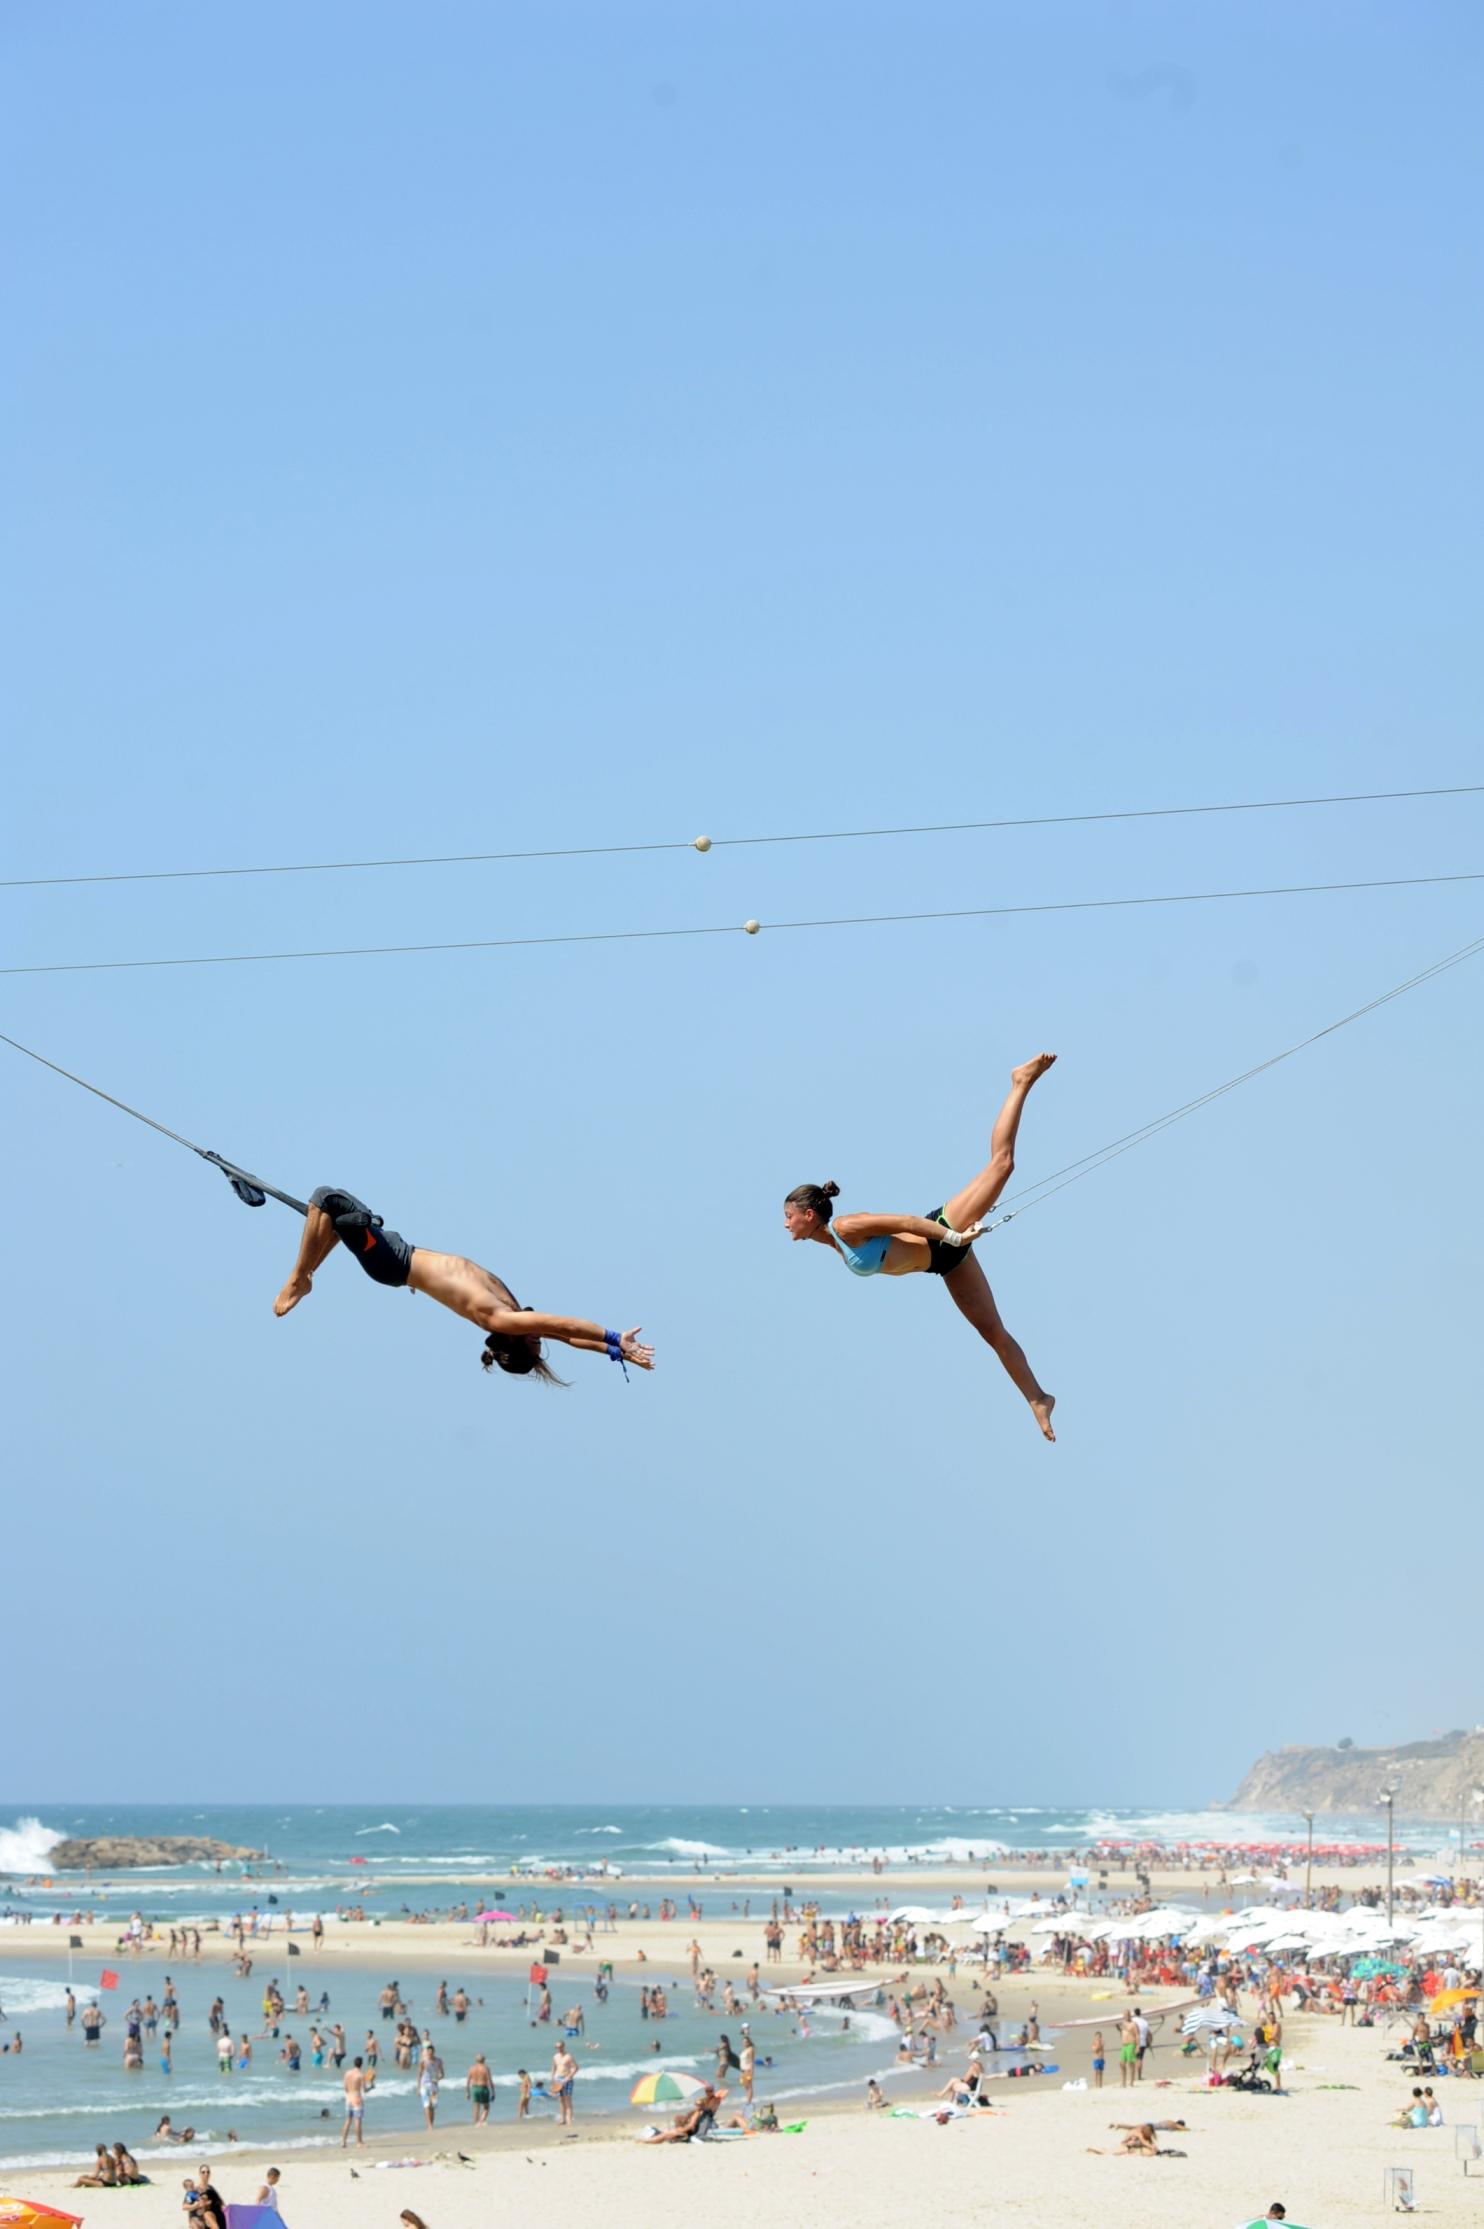 У самого синего моря, выше всех: Фестиваль уличного театра в Эйлате возвращается в город на все выходные